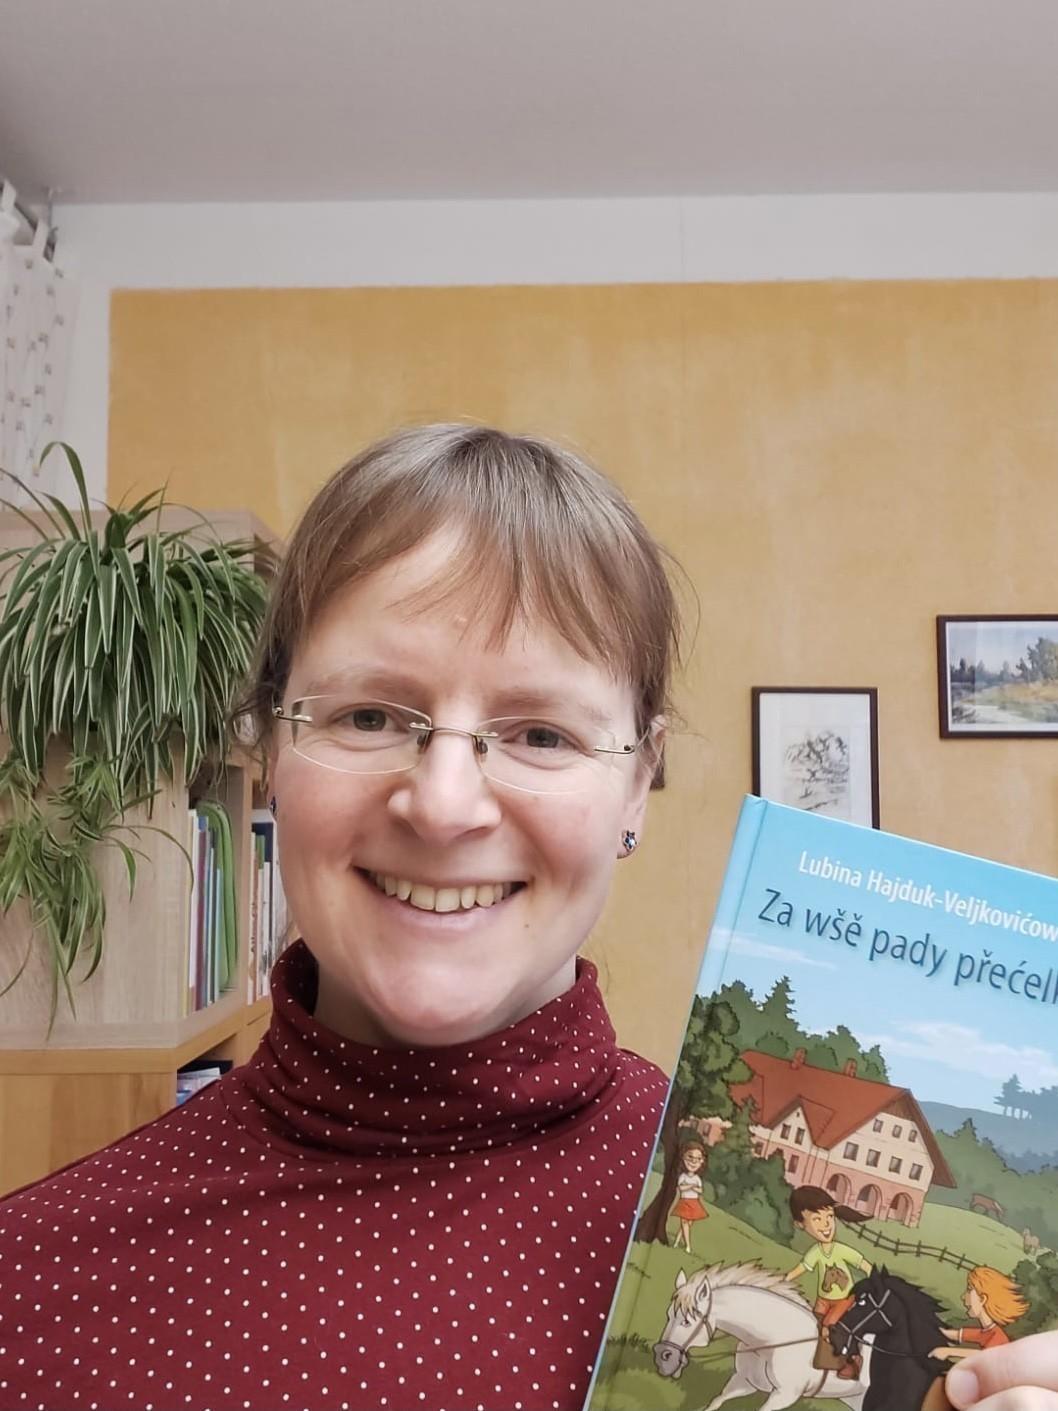 Lubina Hajduk Bücher